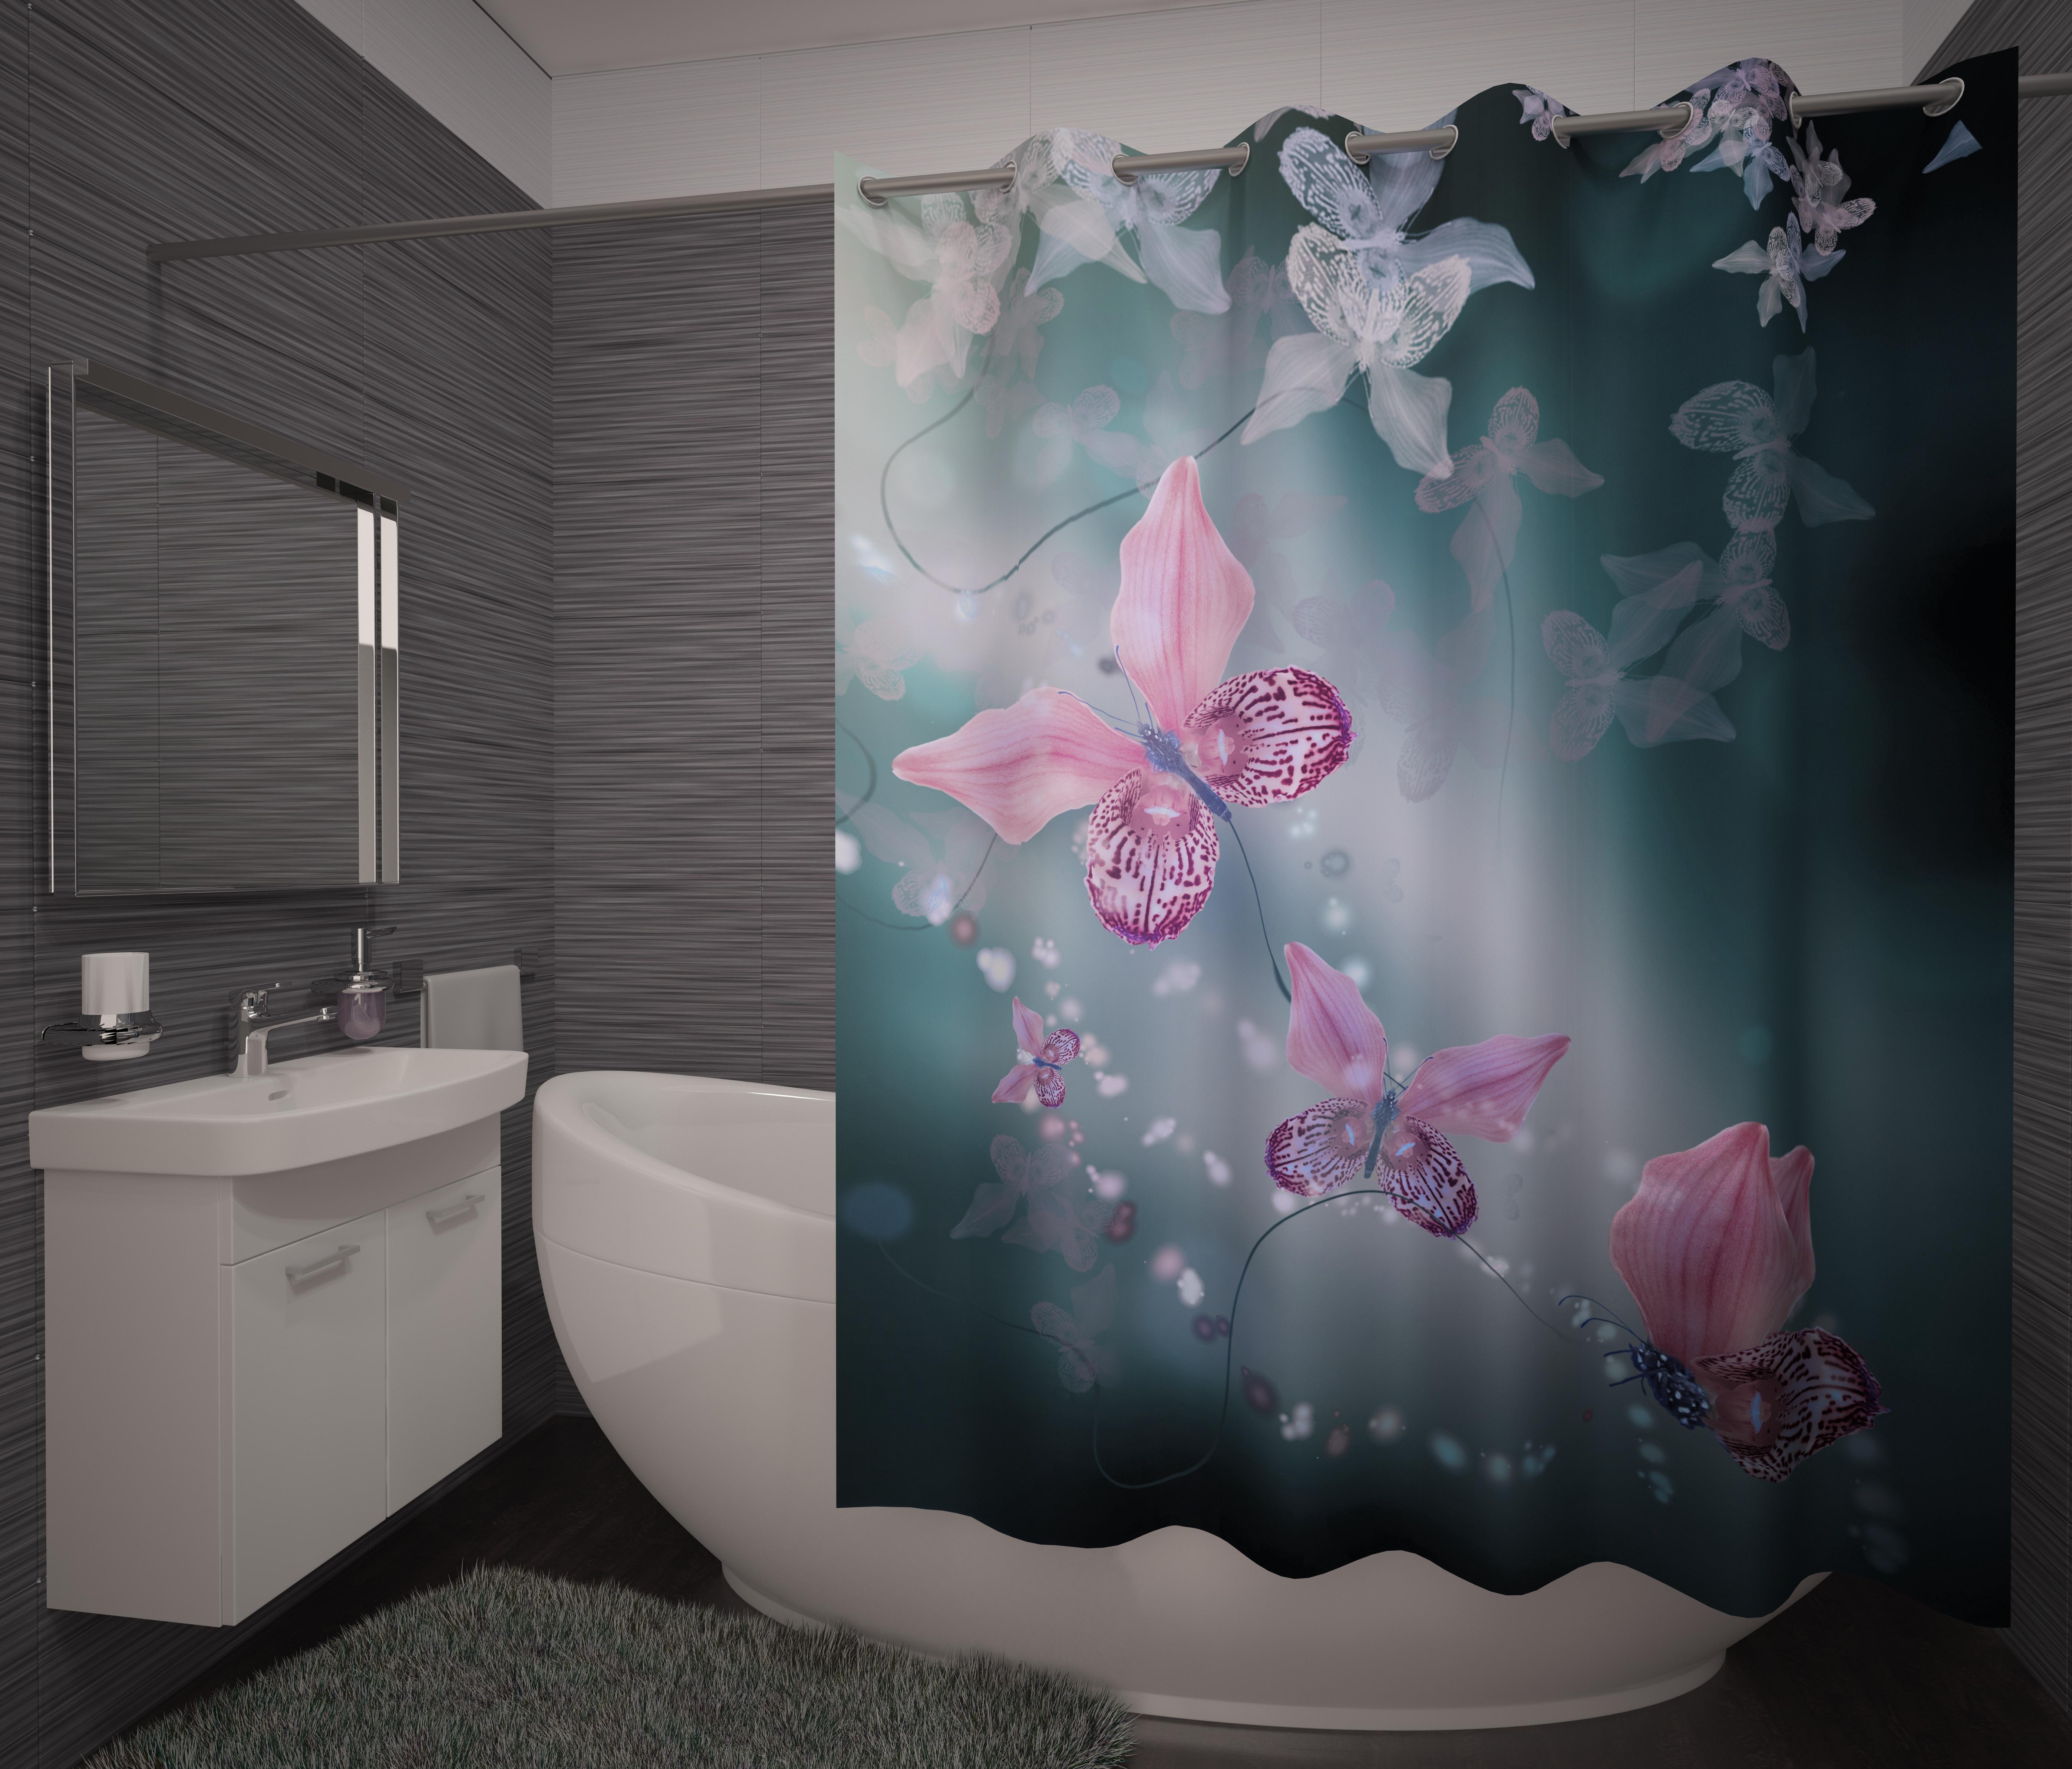 Шторы и карнизы для ванной Fototende Фотошторы для ванной Rawson карнизы